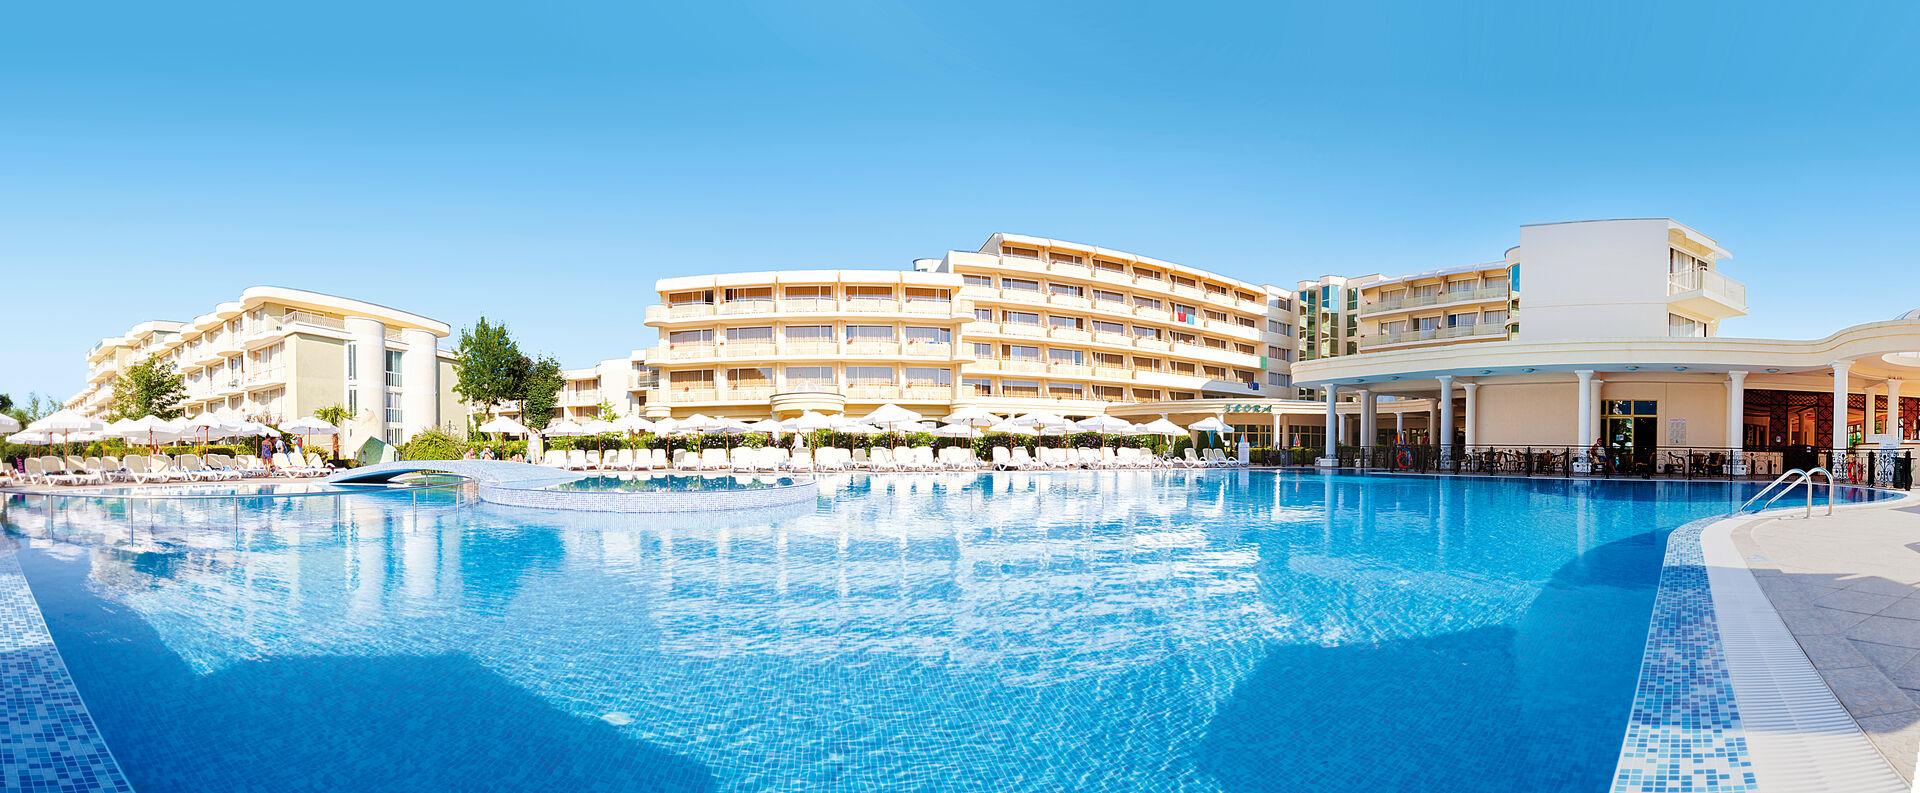 Club Hotel Sunny Beach